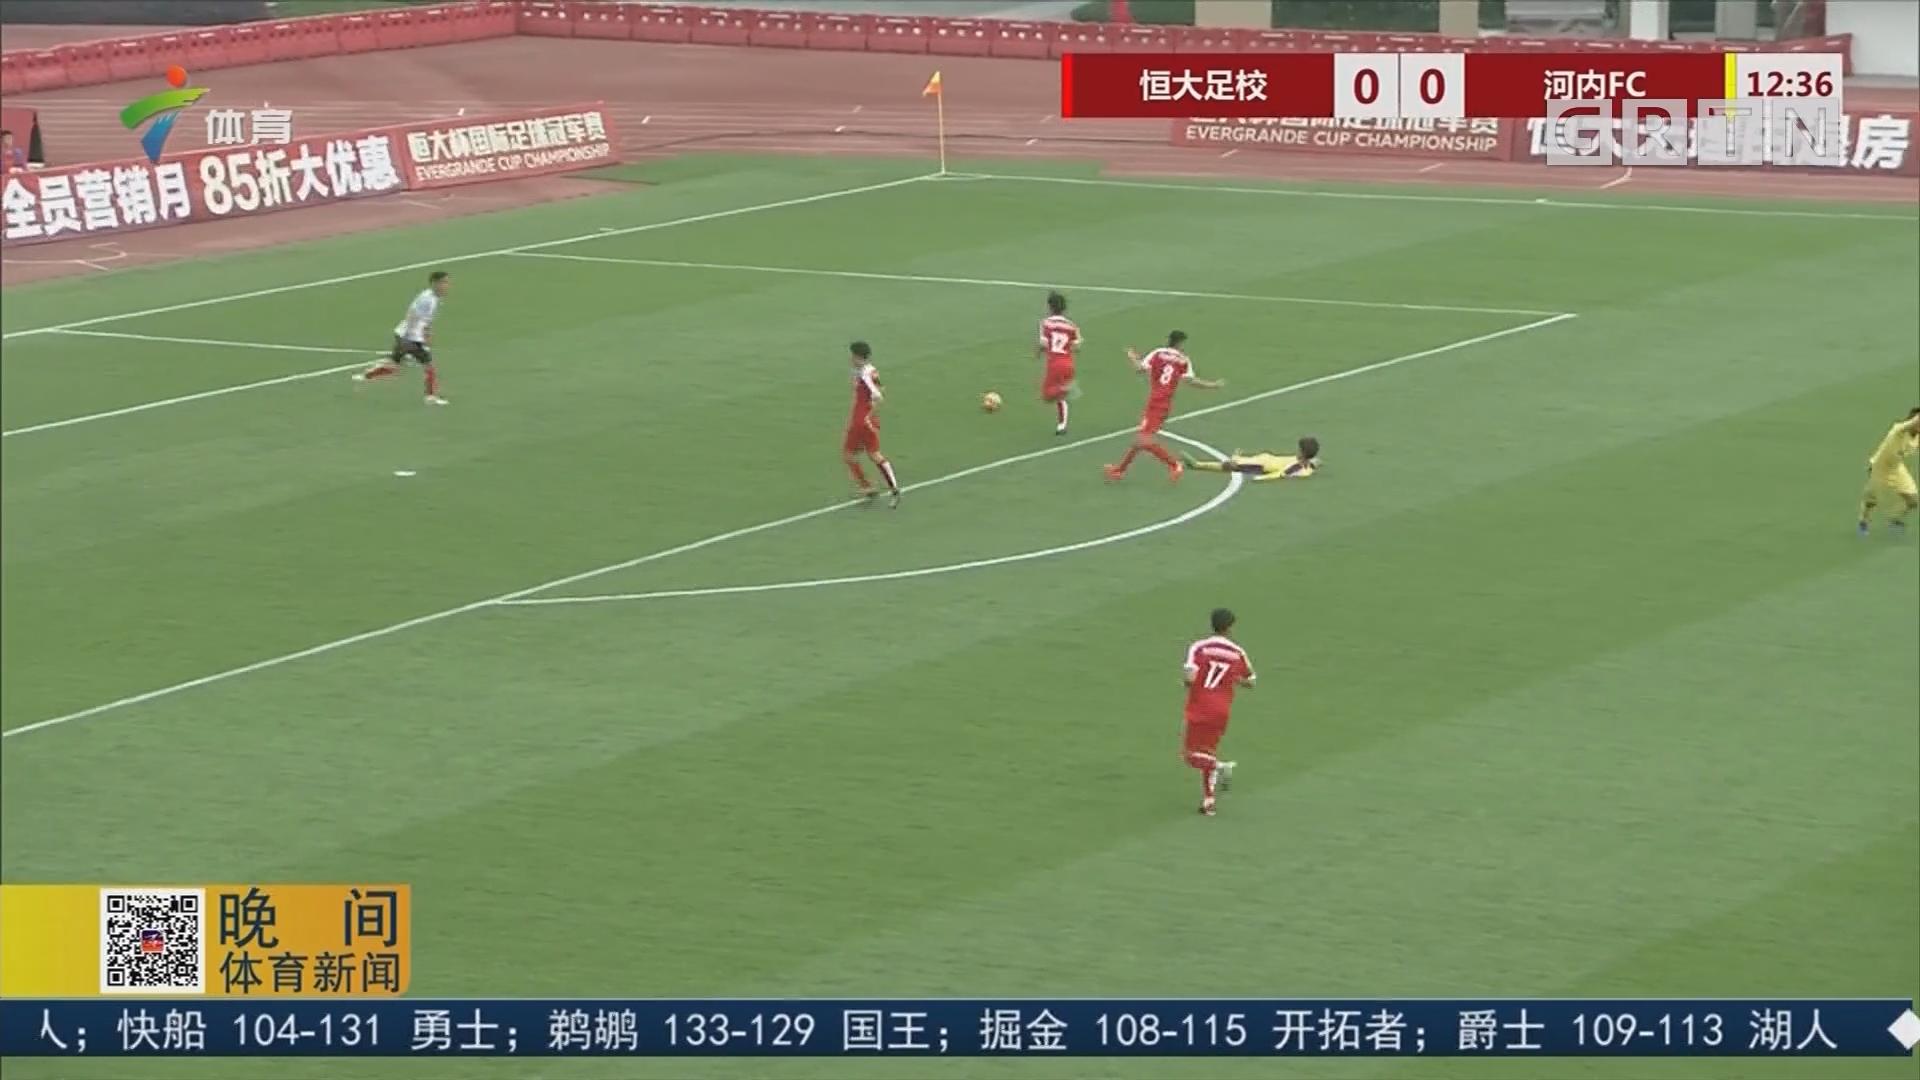 U17国际足球冠军赛 恒大足校不敌河内FC